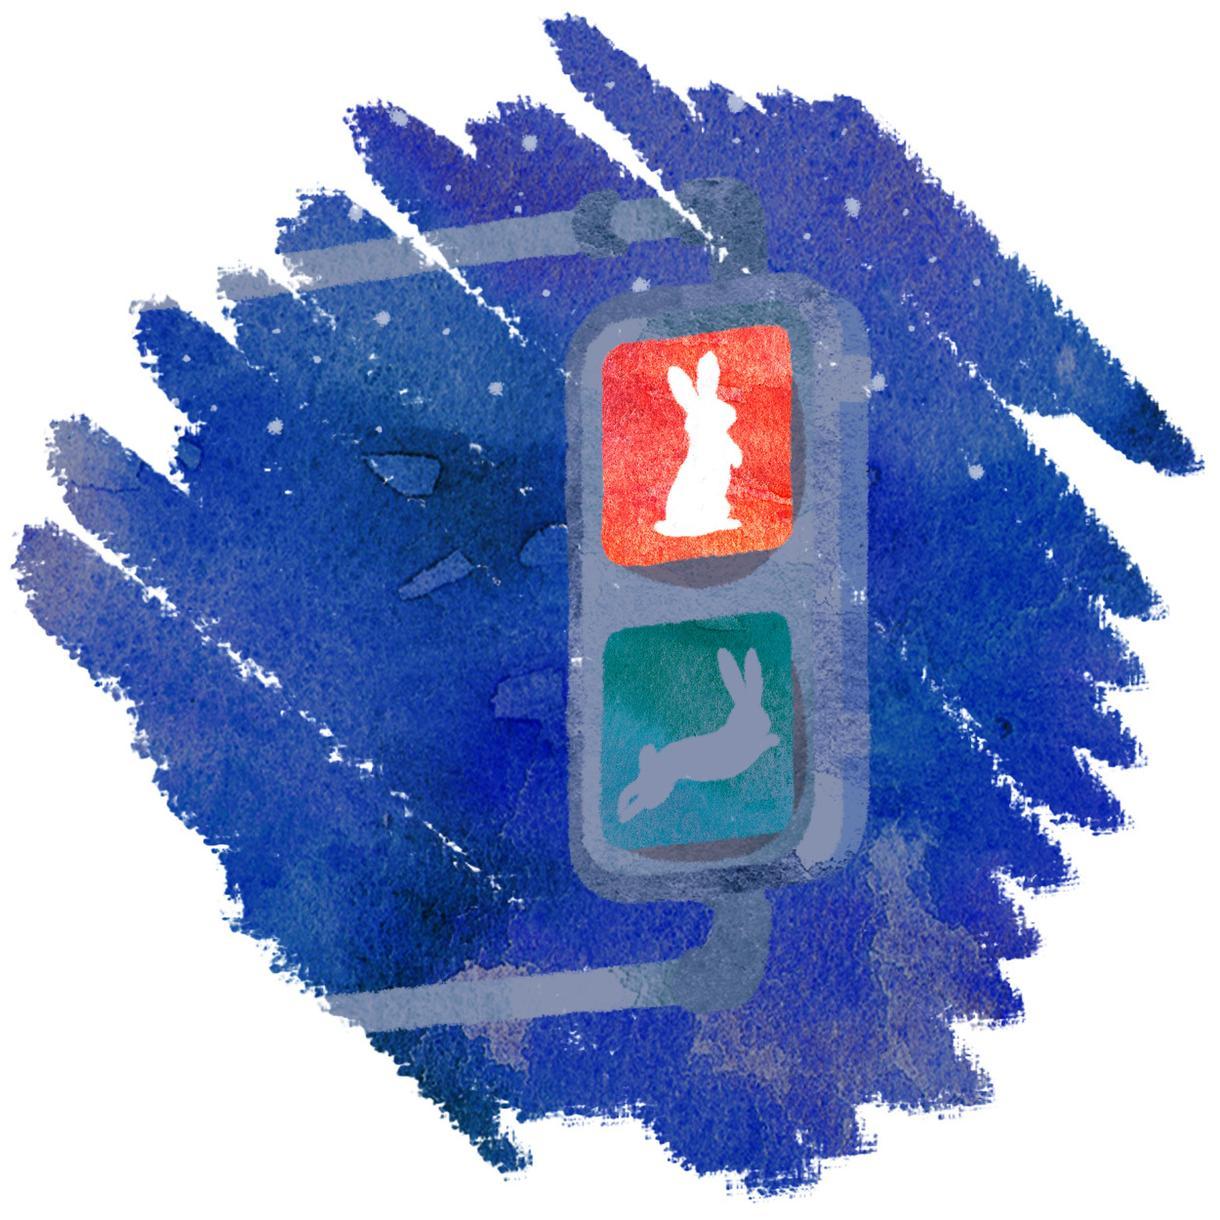 ザラザラ感のある水彩タッチでイラストをお描きします ちょっとしたイラストカットがほしい方へ